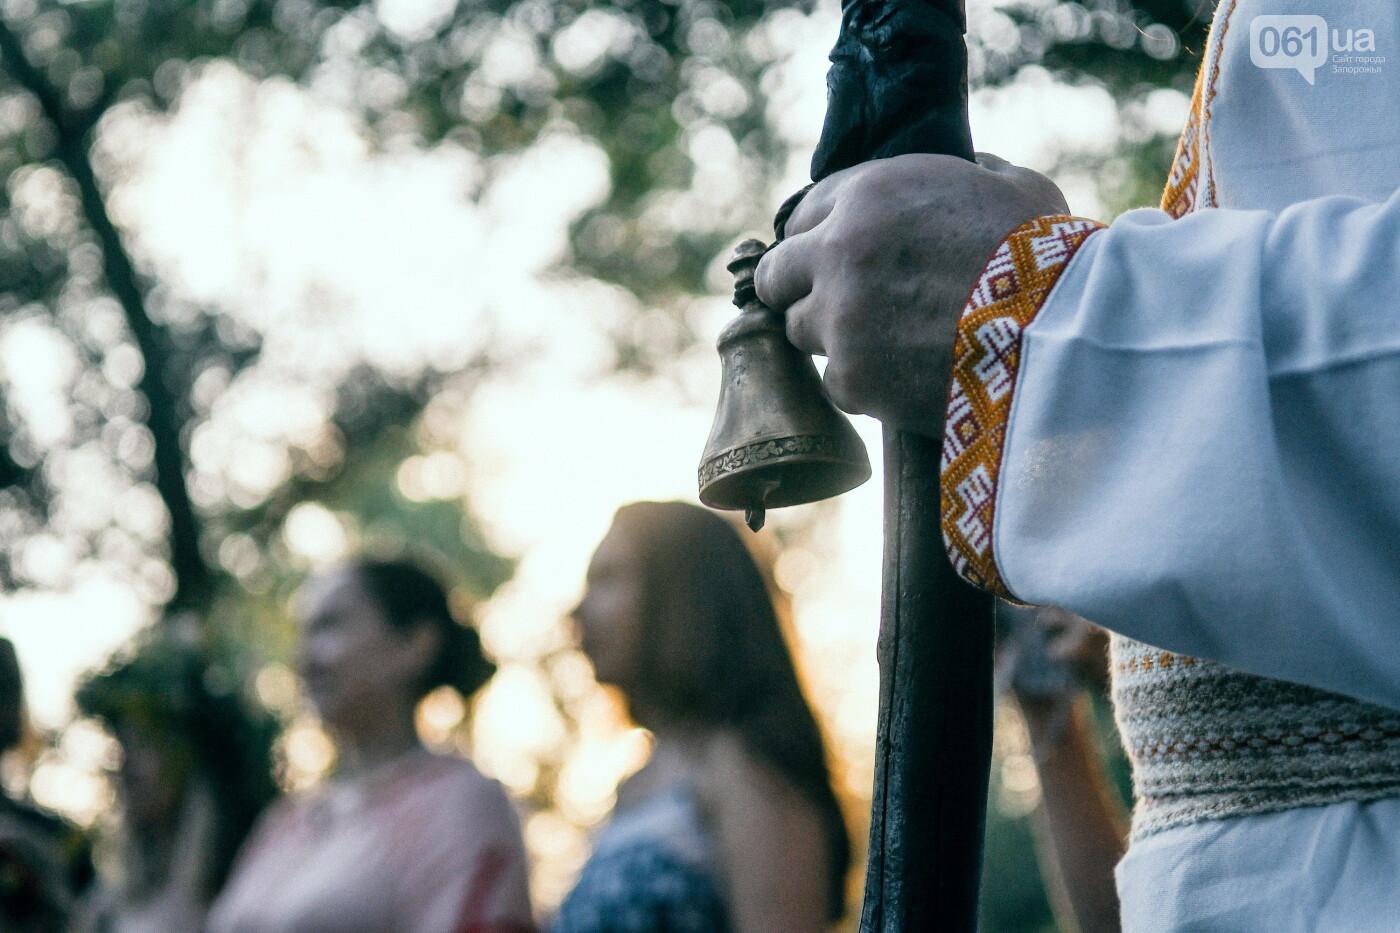 Хороводы в венках и прыжки через костер: как на Хортице отпраздновали Ивана Купала, - ФОТОРЕПОРТАЖ, фото-15